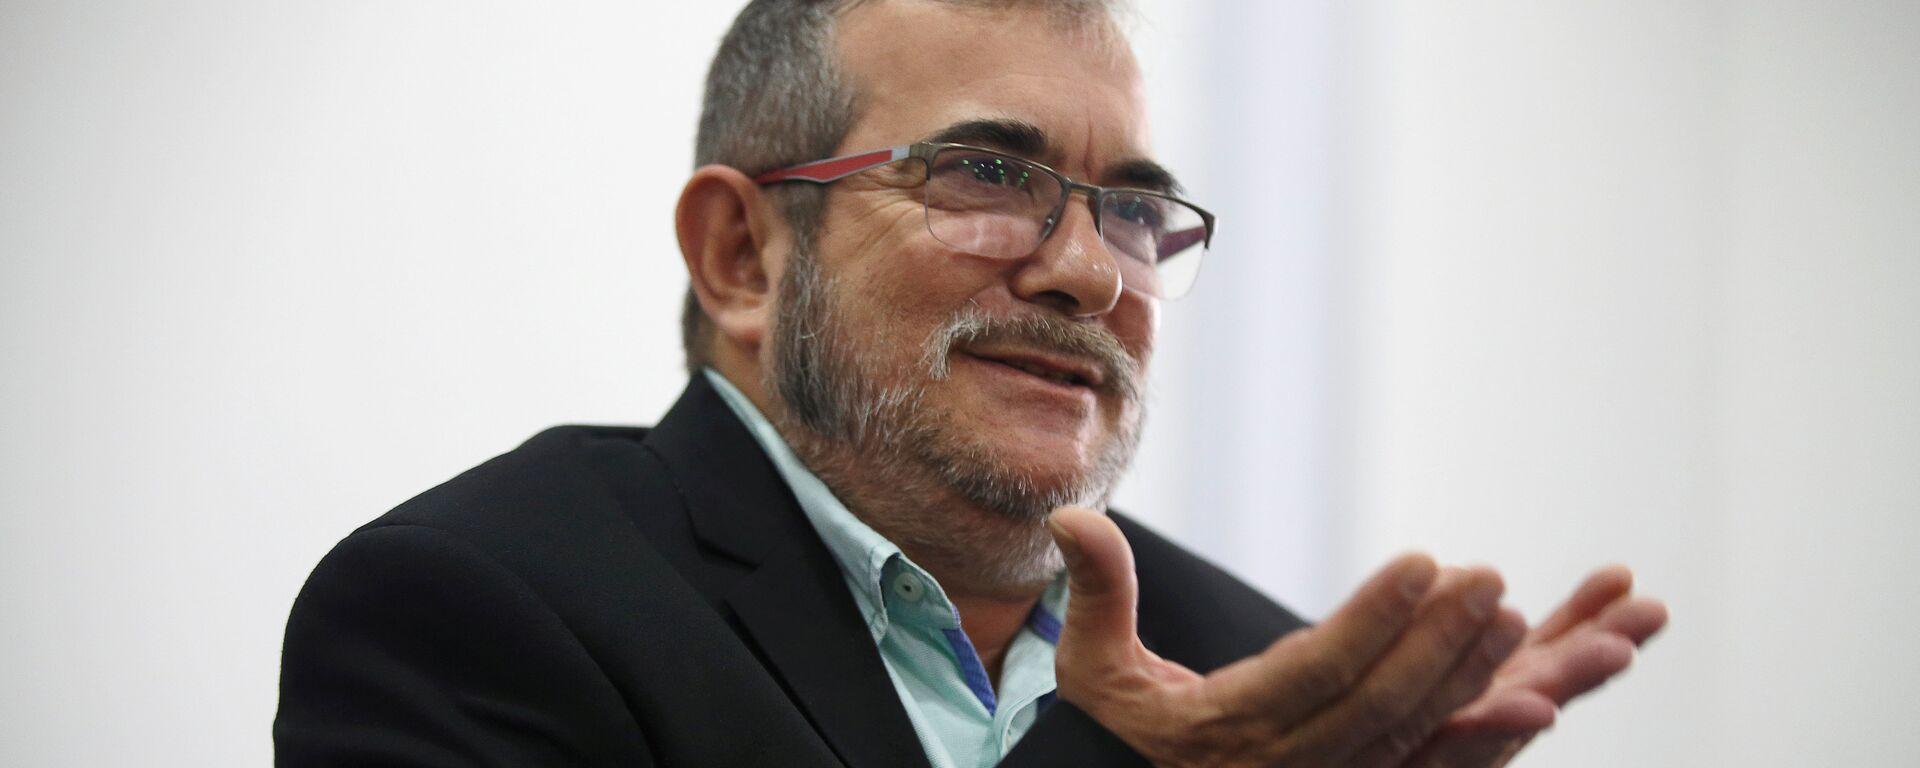 El máximo líder de las FARC, Rodrigo Londoño, alias Timochenko - Sputnik Mundo, 1920, 07.04.2021